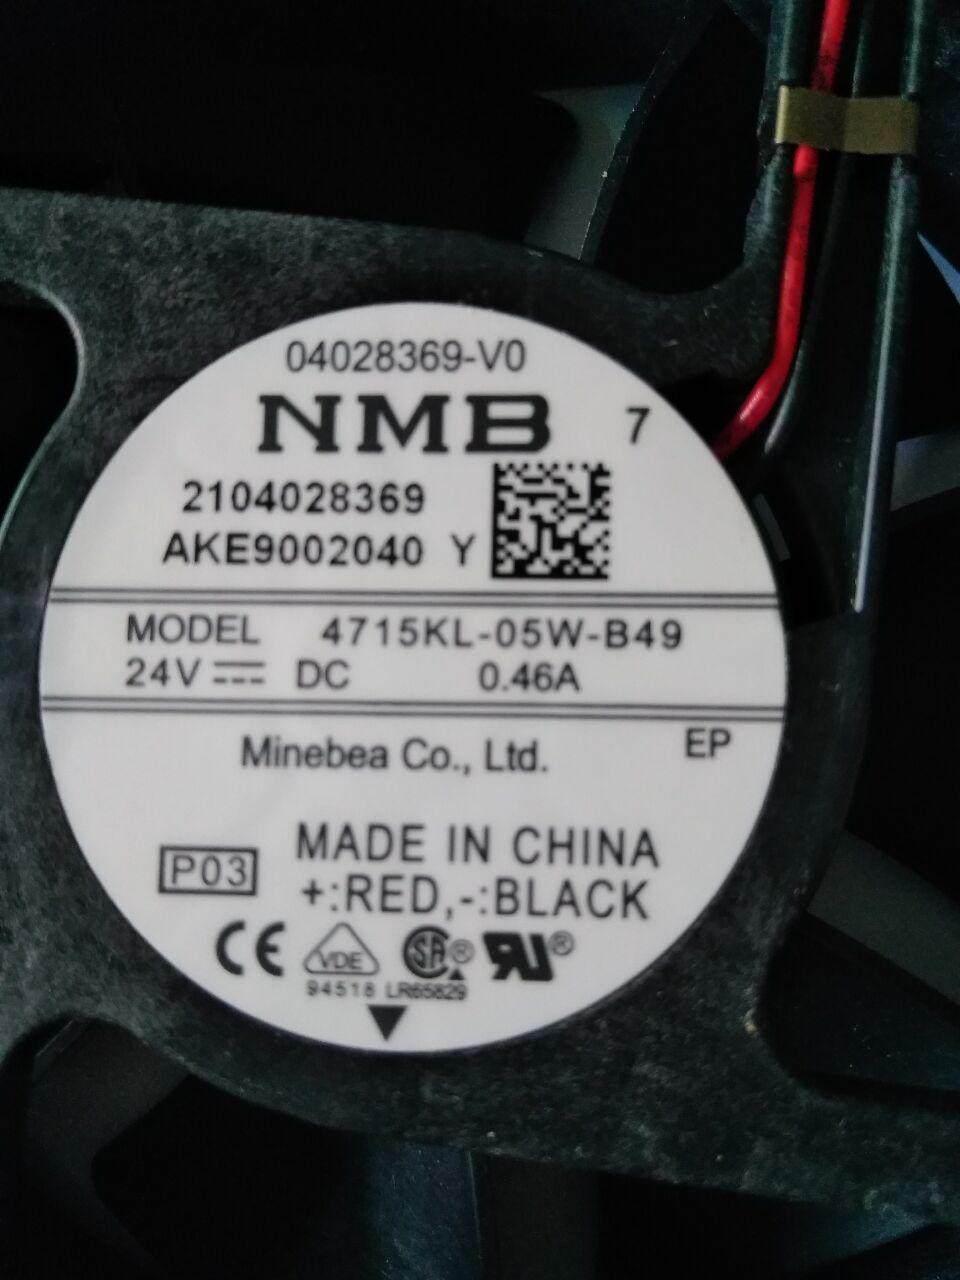 Nuevo ventilador original de NMB 4715KL-05W-B49 inversor inversor DC24V12038